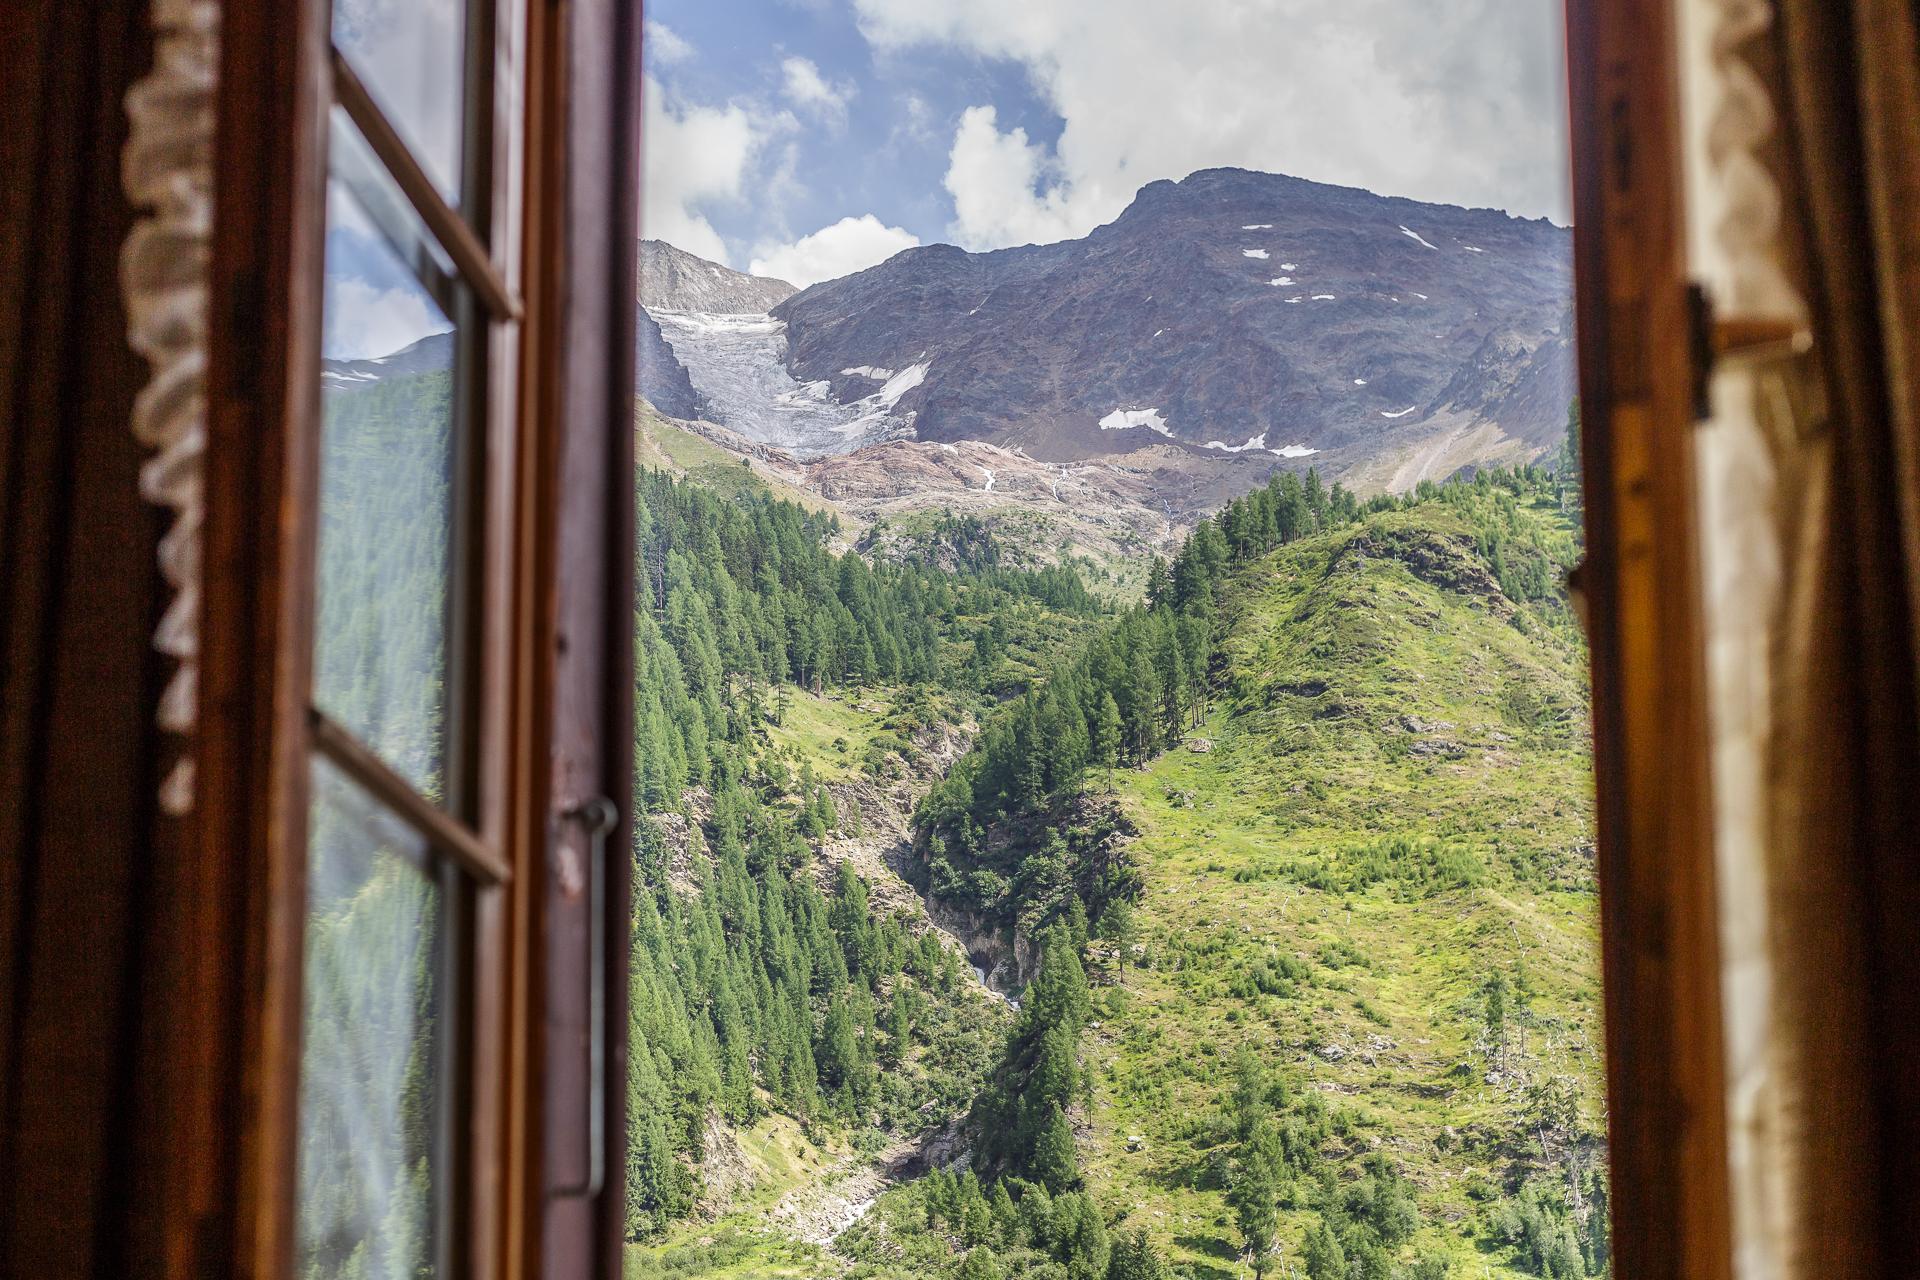 Hotel-Nest-Bietschhorn-Loetschental-Zimmer-Ausblick